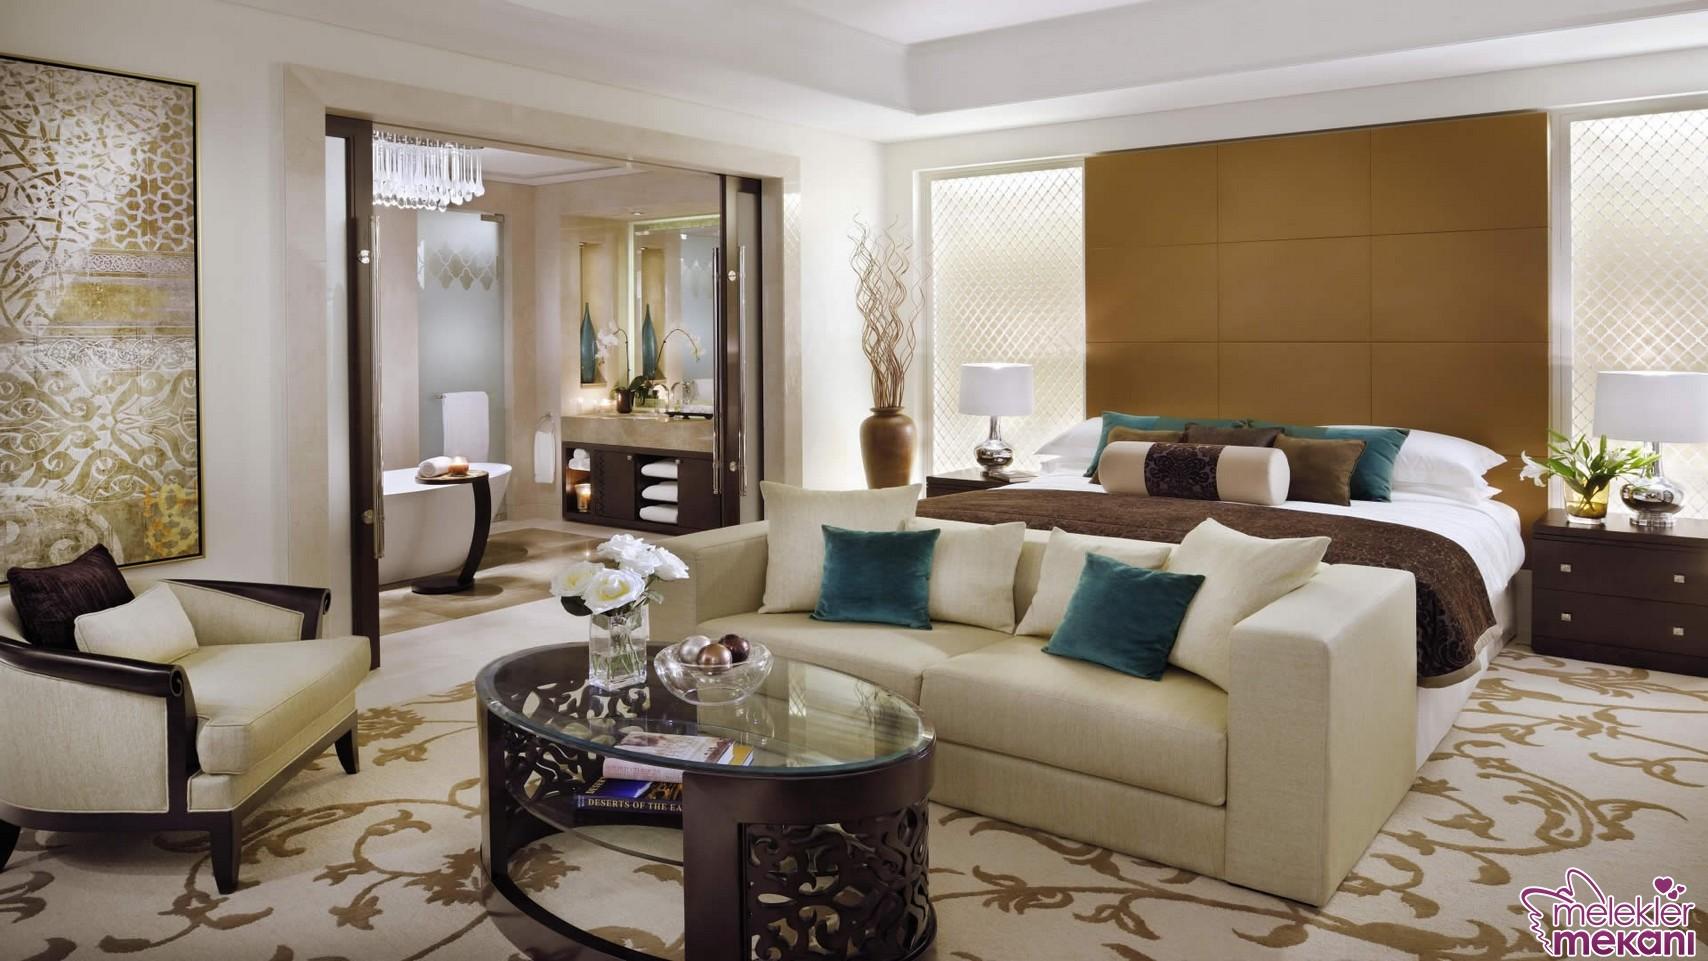 Şık yatak odası dekorasyonlarını modern mobilya modelleri ile gerçekleştirebilirsiniz.